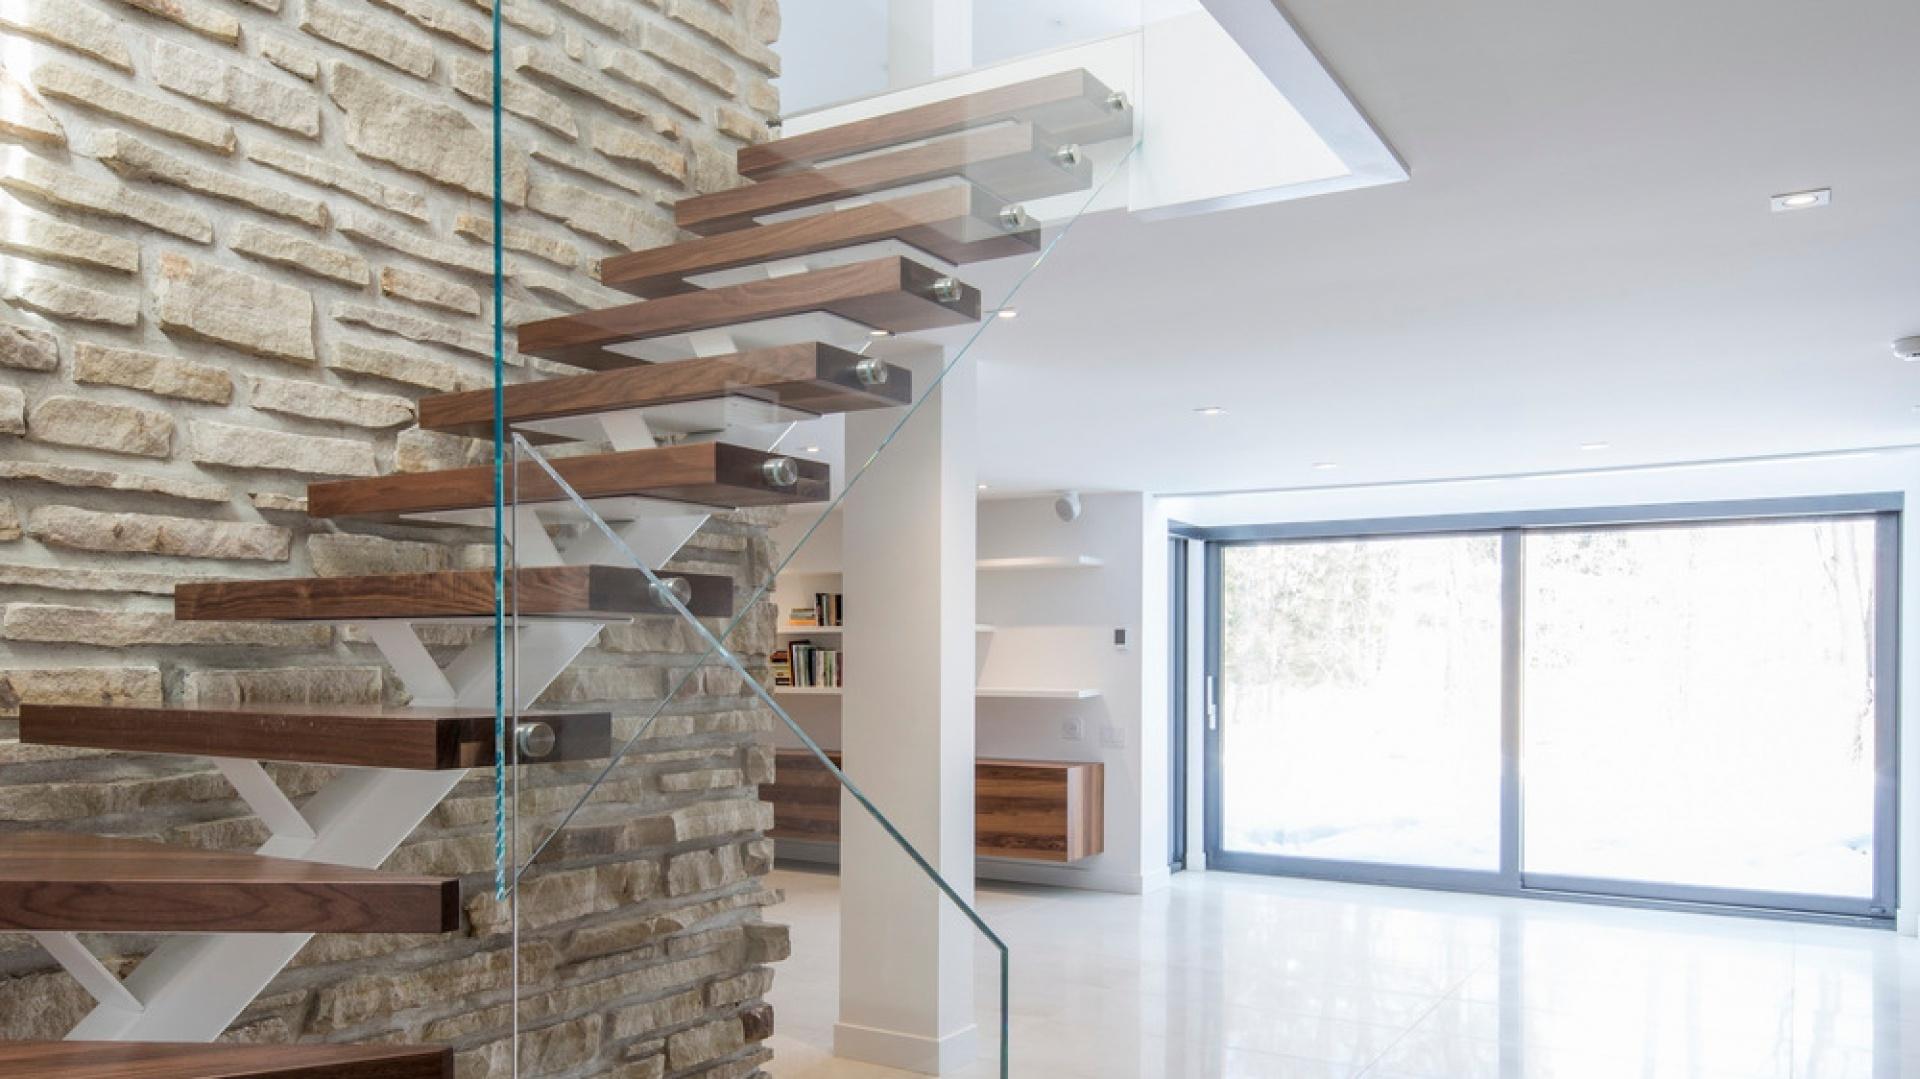 Klatka schodowa jest najlepszym odzwierciedleniem stylistyki, panującej w całym domu. Szklana balustrada i wiszące stopnie nawiązują do nowoczesnej architektury, a kamień na ścianie i drewno na stopniach do tradycji. Projekt: Architecture Open Form. Fot. Adrien Williams.